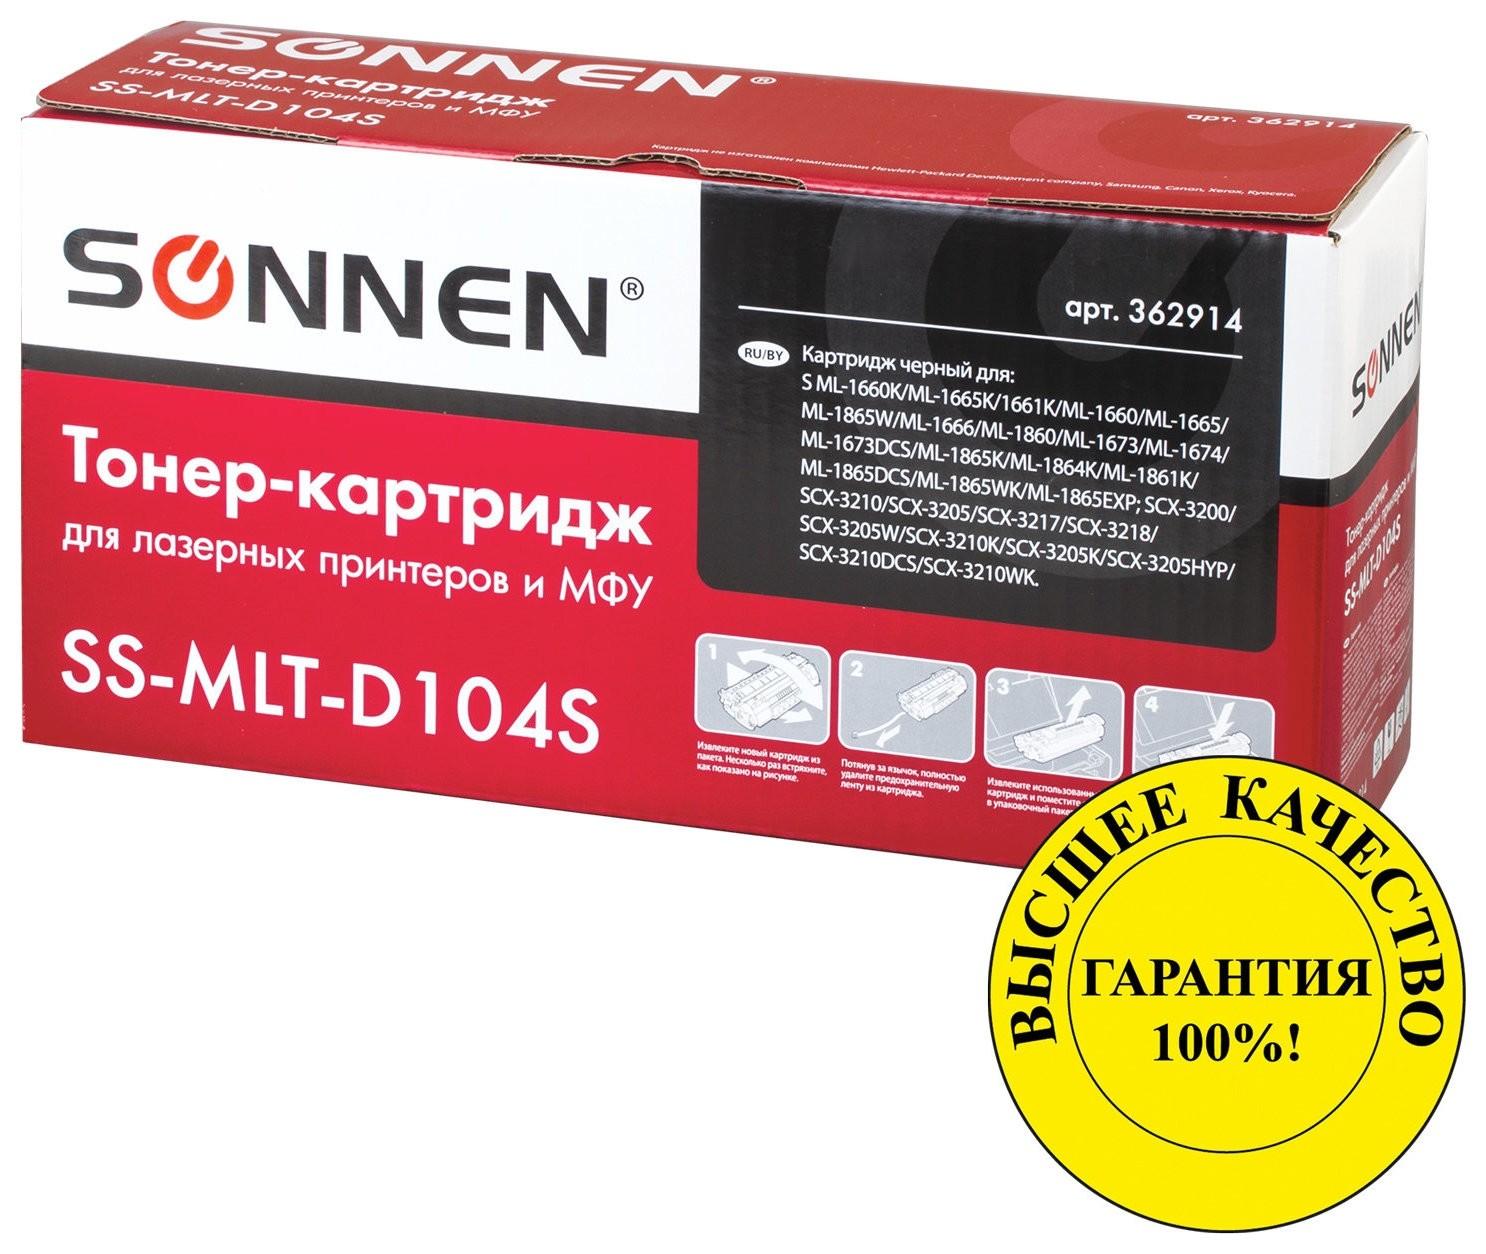 Картридж лазерный Ss-mlt-d104s для Samsung Ml-1660/1665 и другие, высшее качество, ресурс 1500 стр.  Sonnen